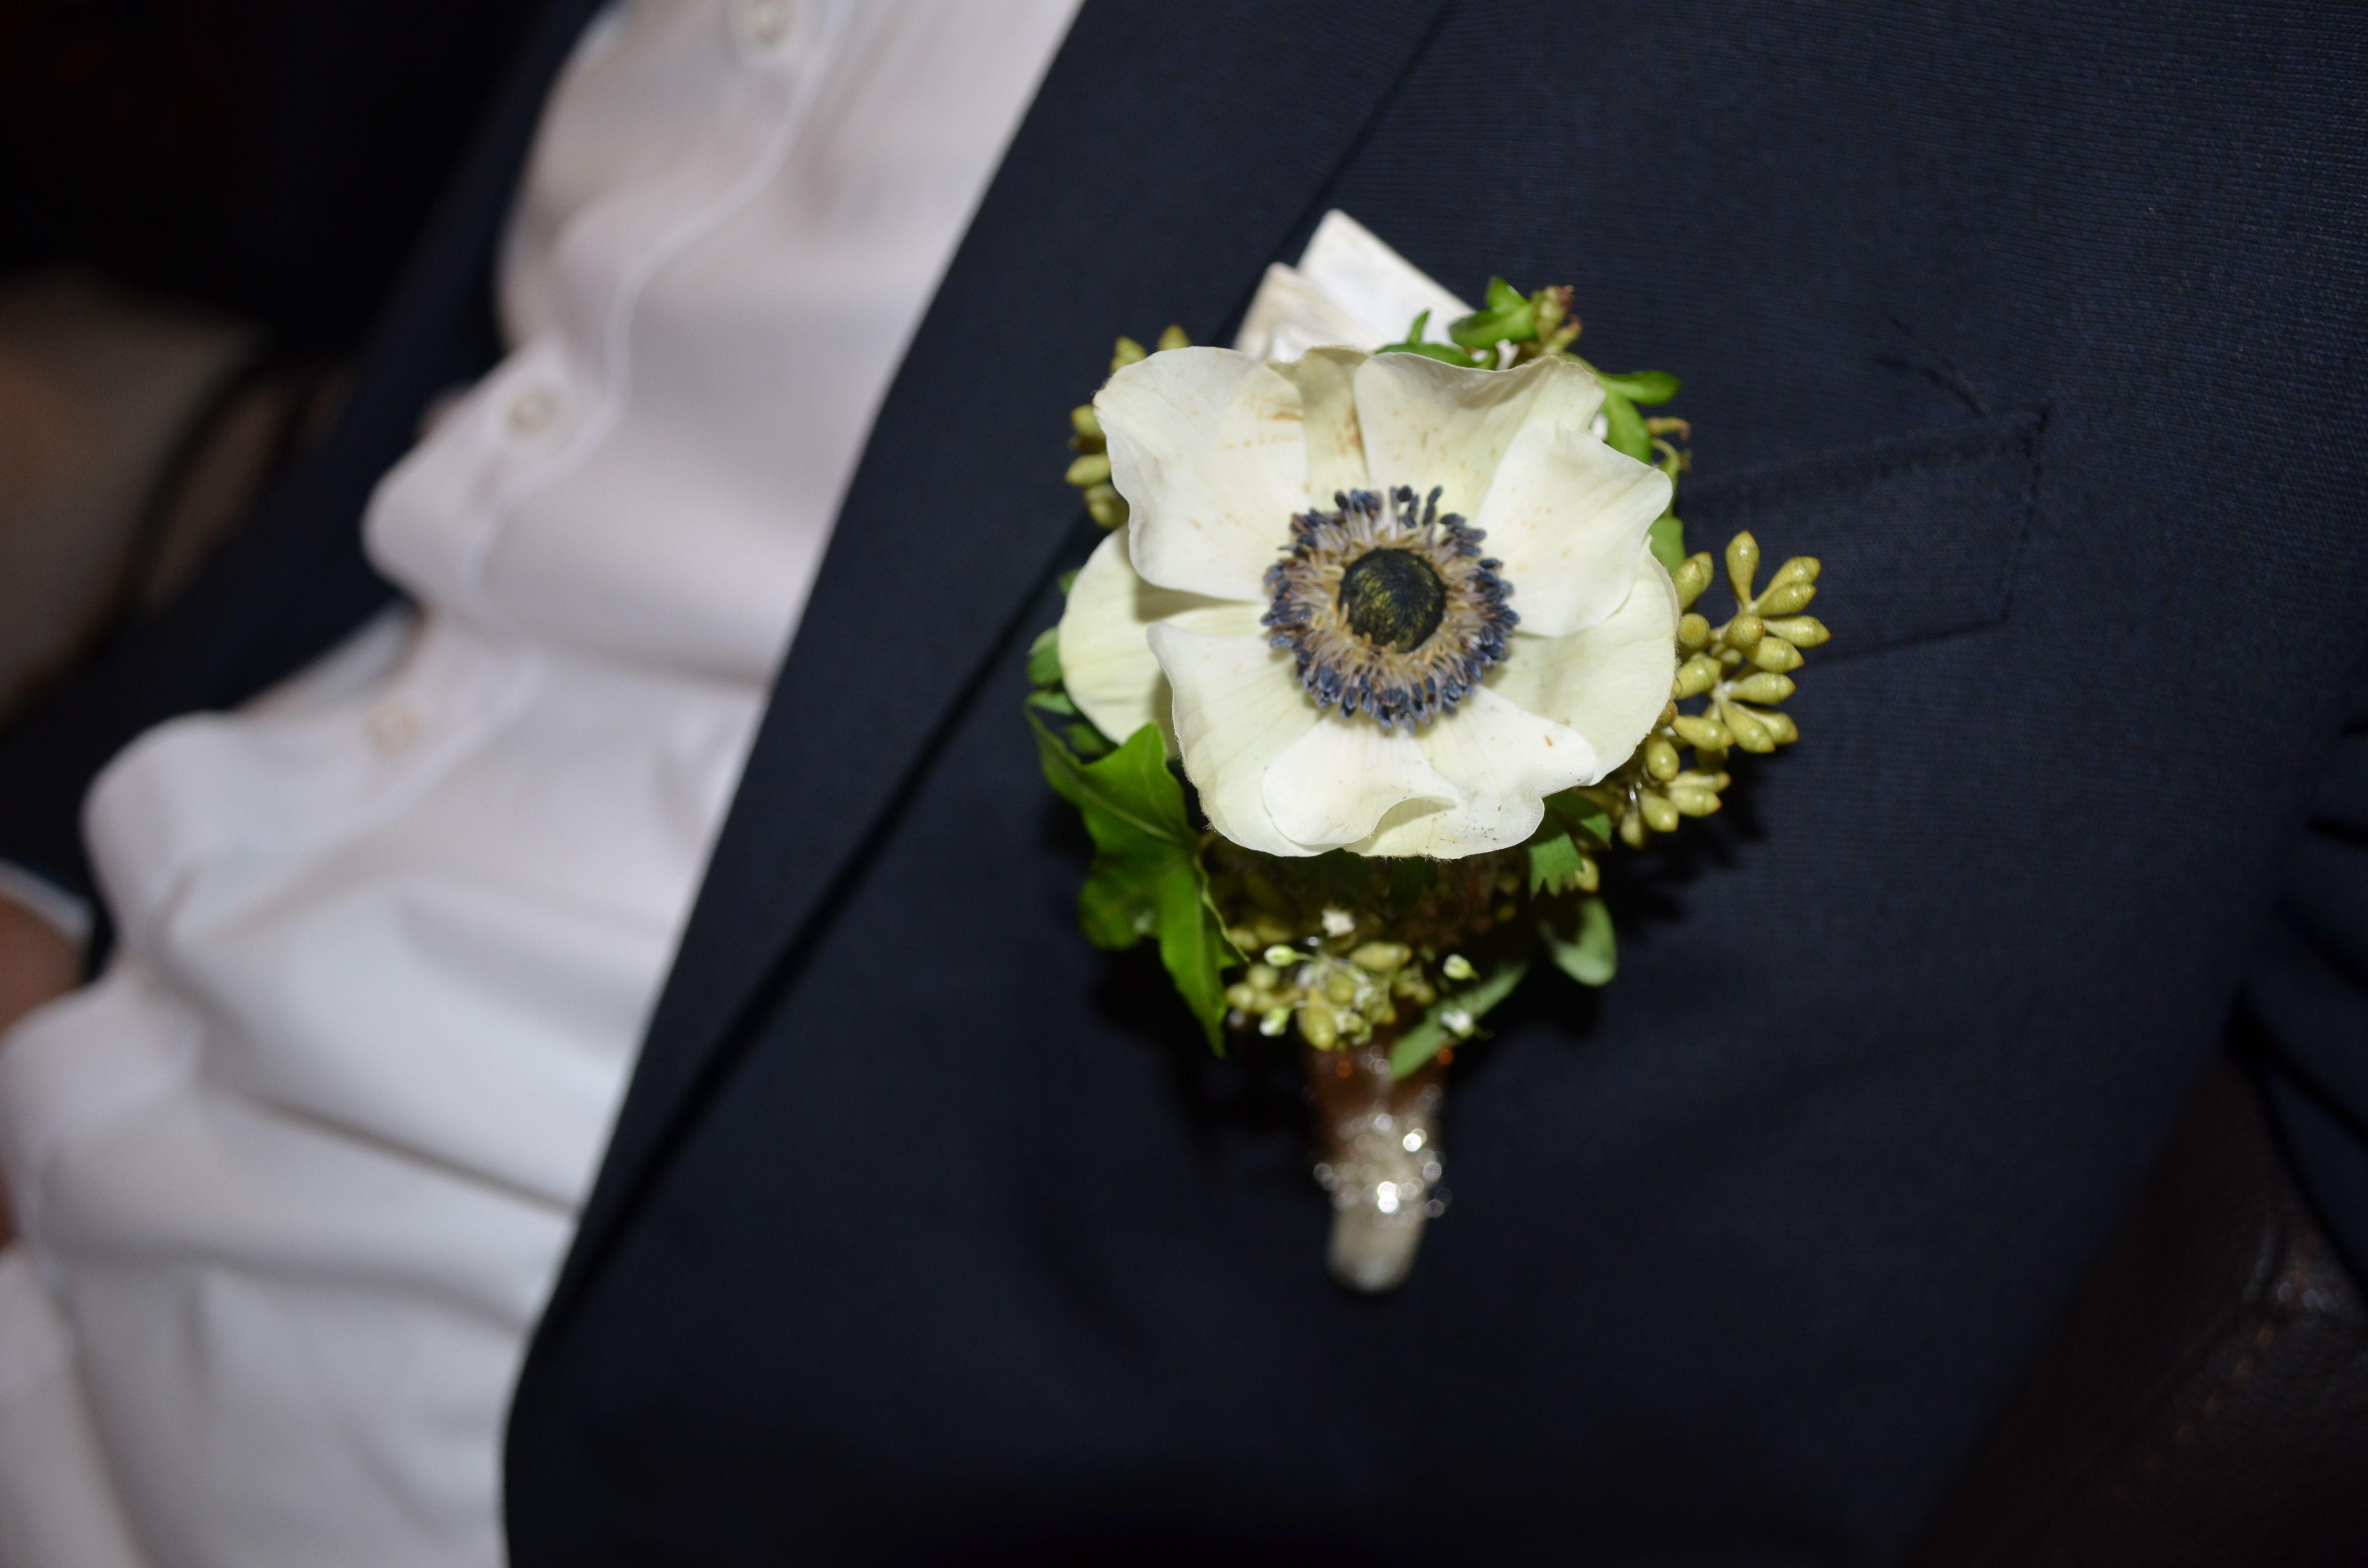 Weiße Annemohn als Ansteckblume für den Bräutigam. Perfekt zum dunkelblauen Anzug und zum Farbcode weiß-blau-creme.